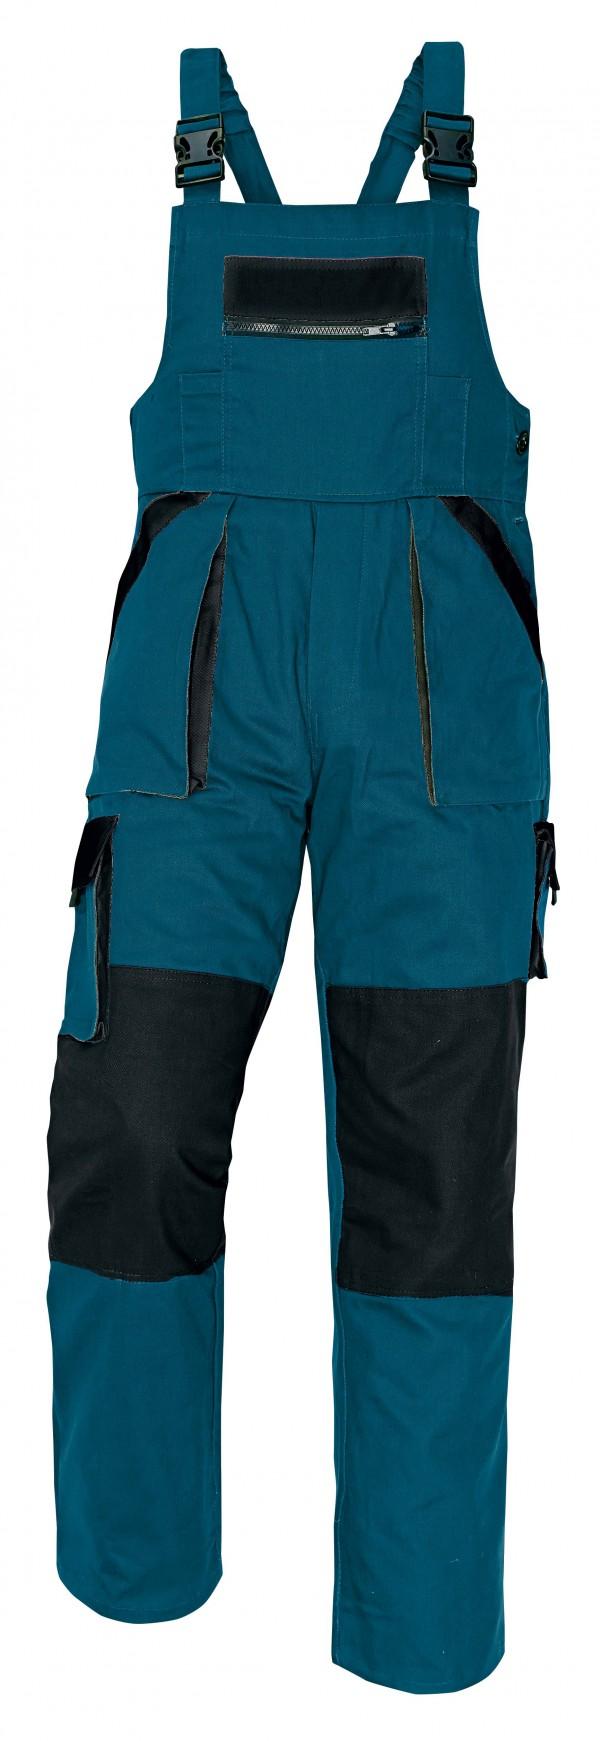 MAX téli kantáros nadrág zöld/fekete